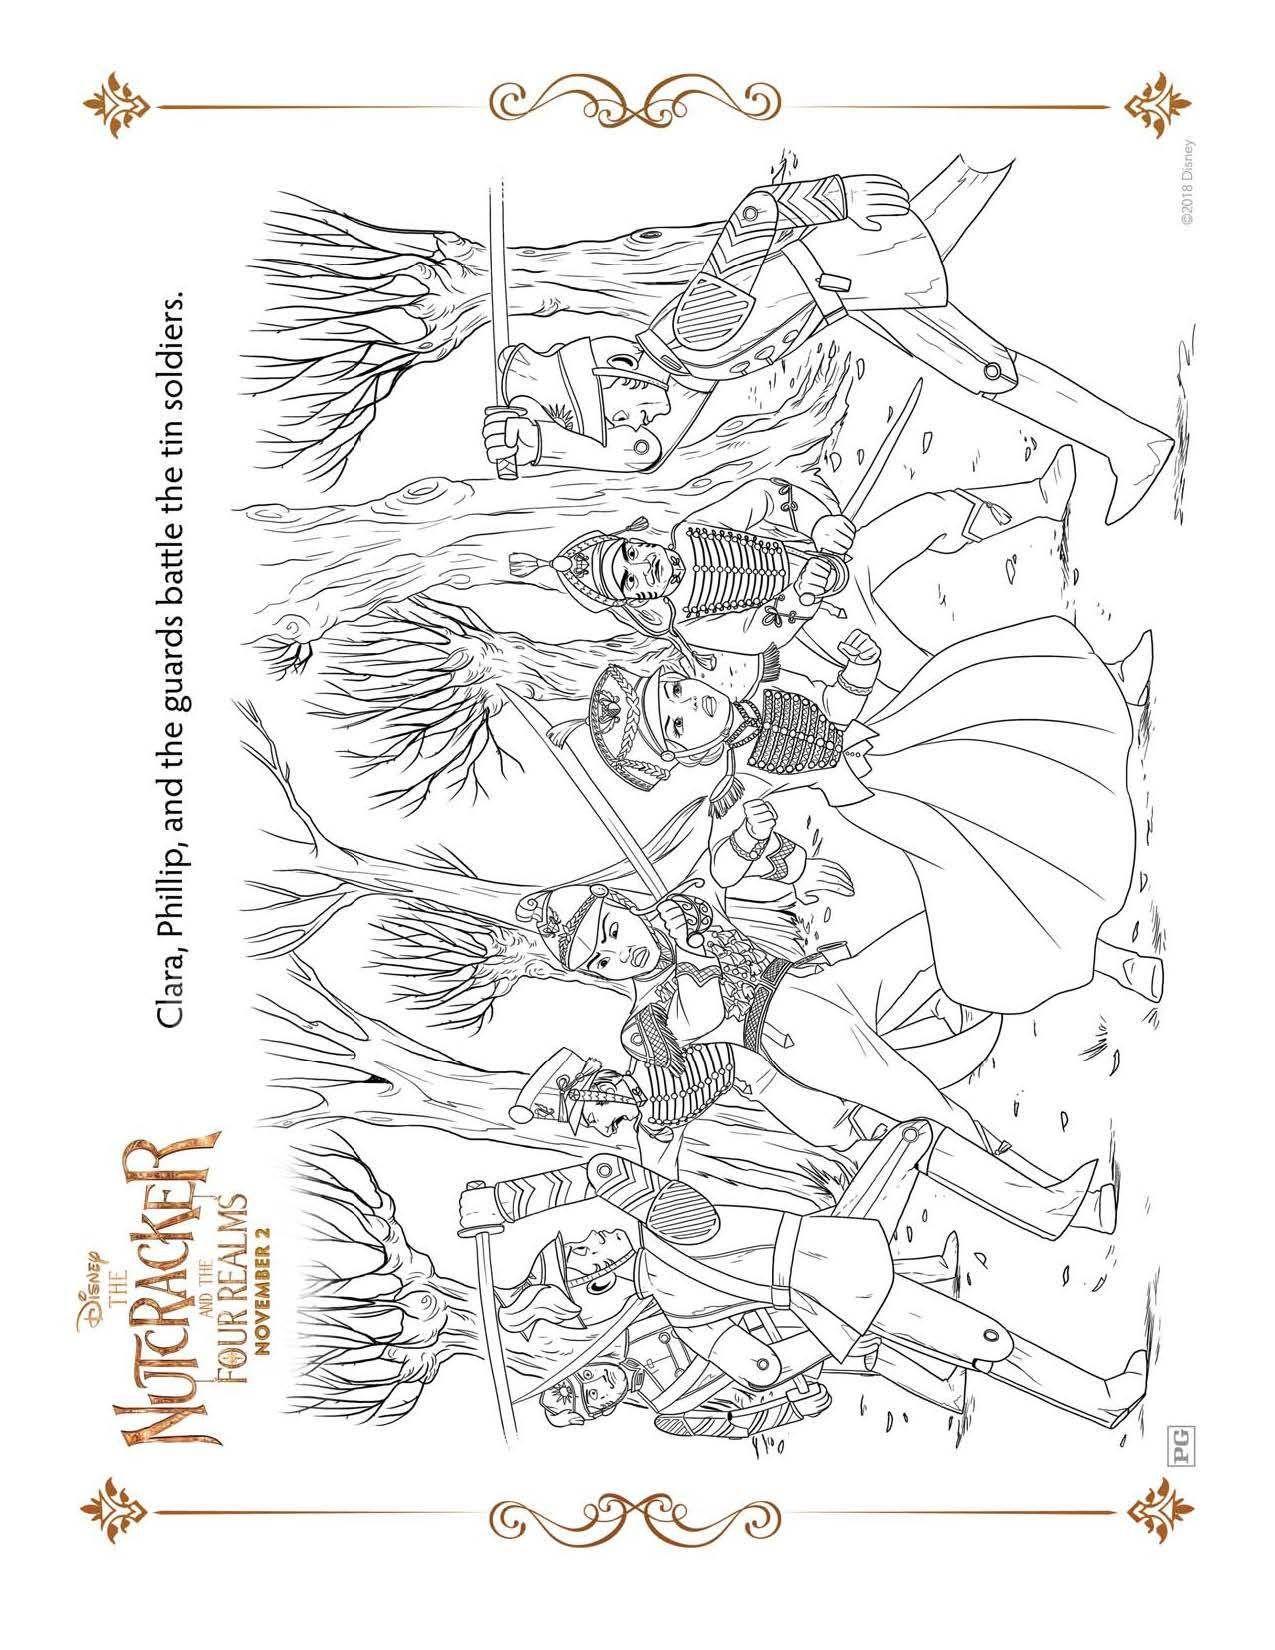 Dibujos Para Colorear Gratis De El Cascanueces Y Los Cuatro Reinos De Disney Hispana Globa Dibujos Para Colorear Gratis Dibujos Para Colorear Colorear Gratis